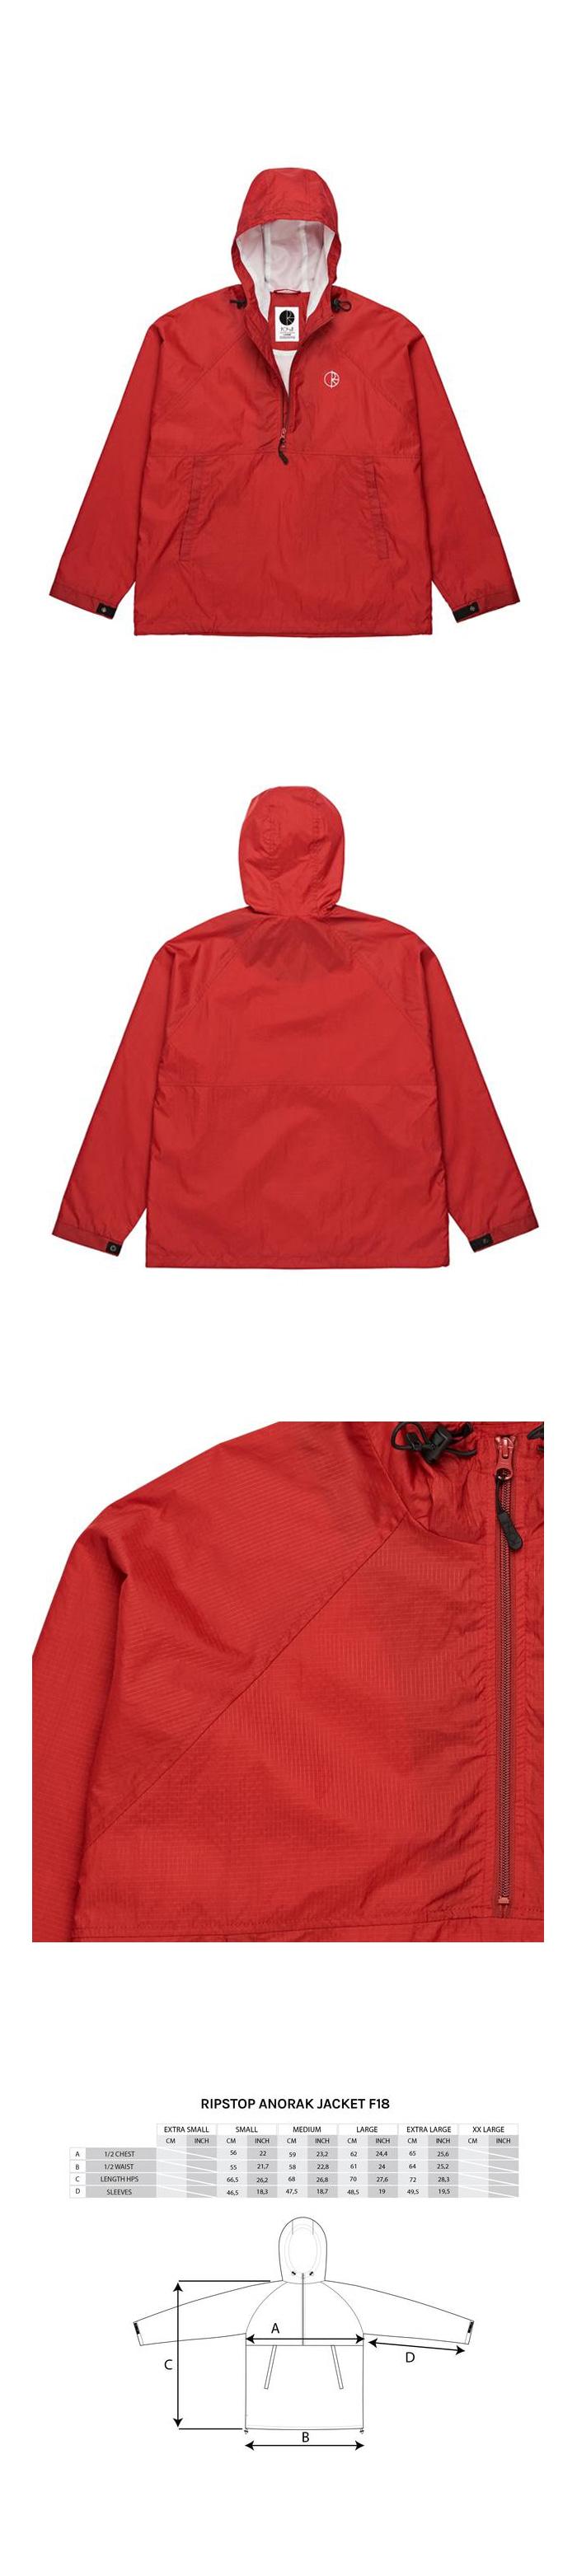 폴라(POLAR) Ripstop Anorak Jacket - Red